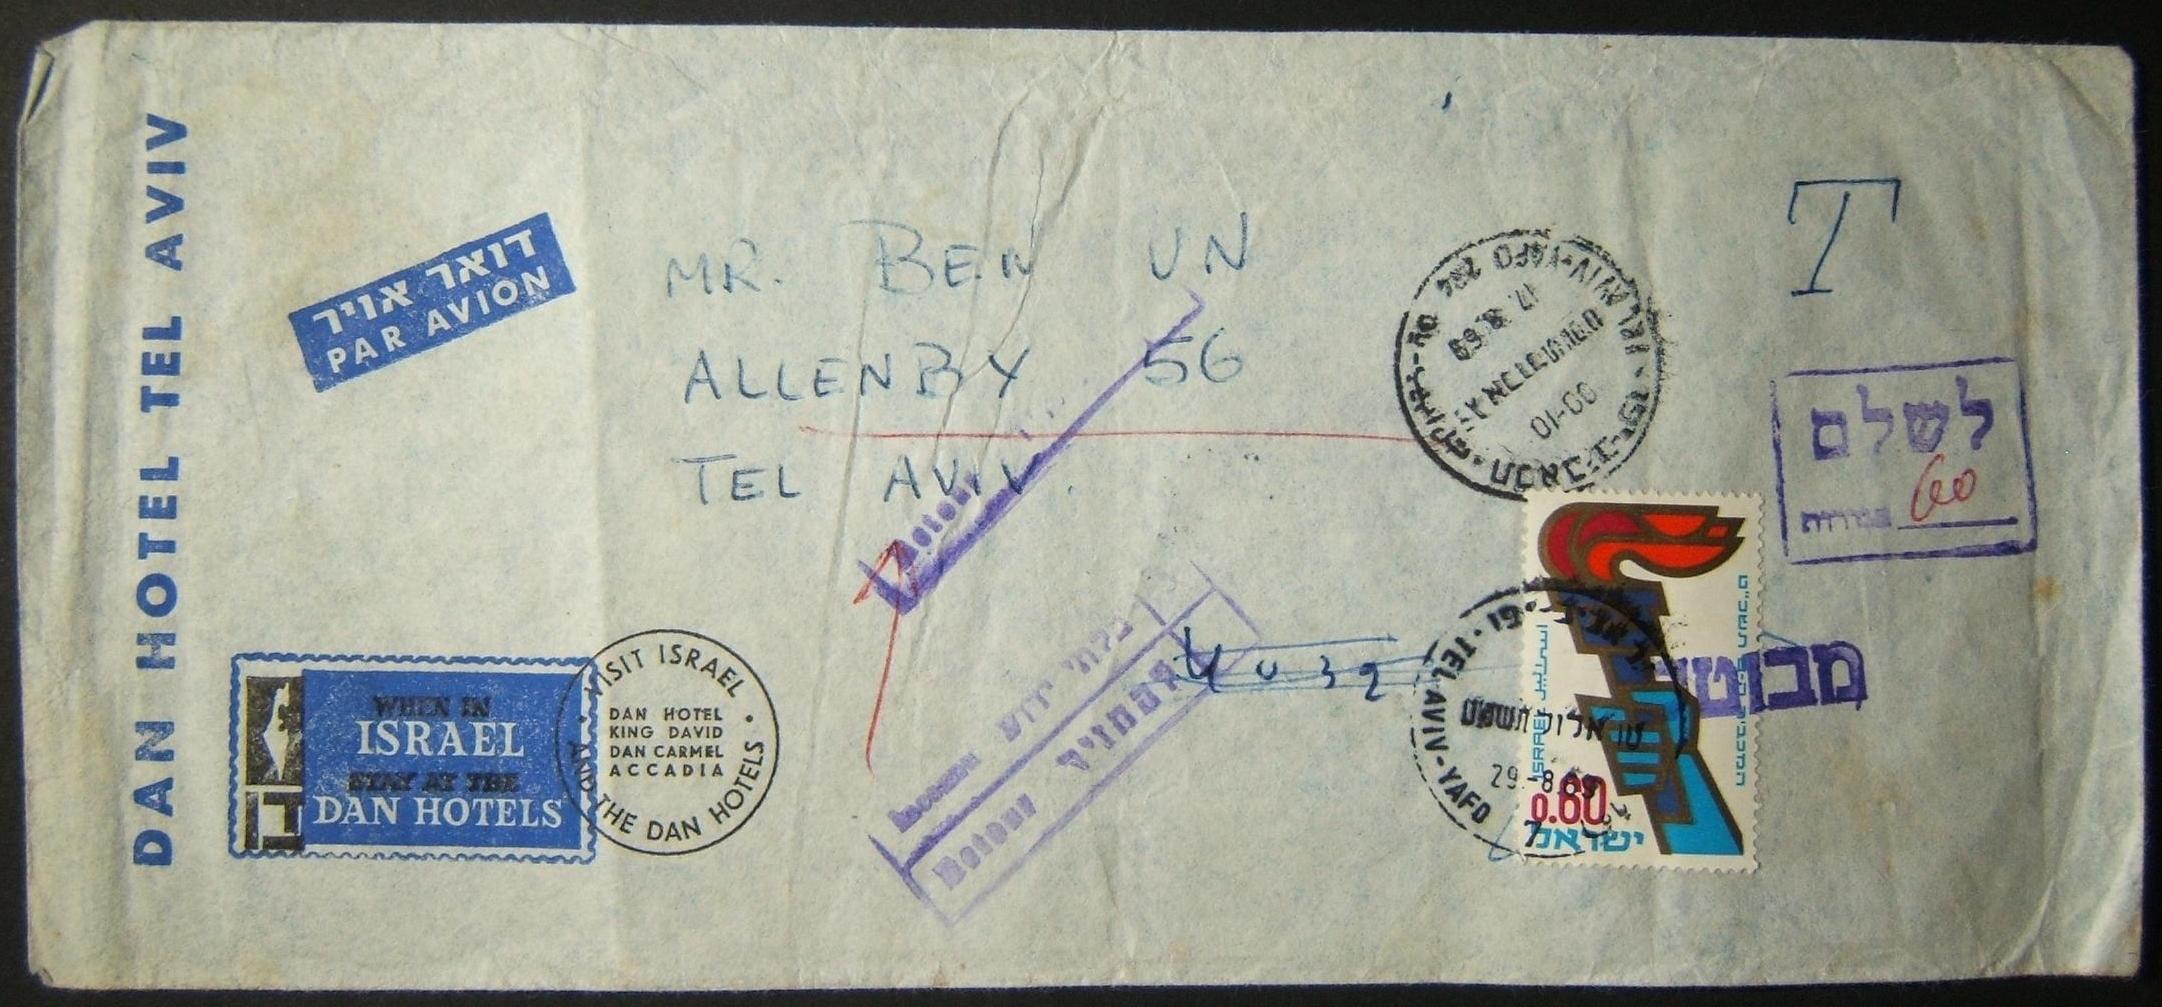 1969 بدون عنوان لبريد تل أبيب ، العنوان غير معروف. محاولة مزدوجة التسليم - الضريبة 4x